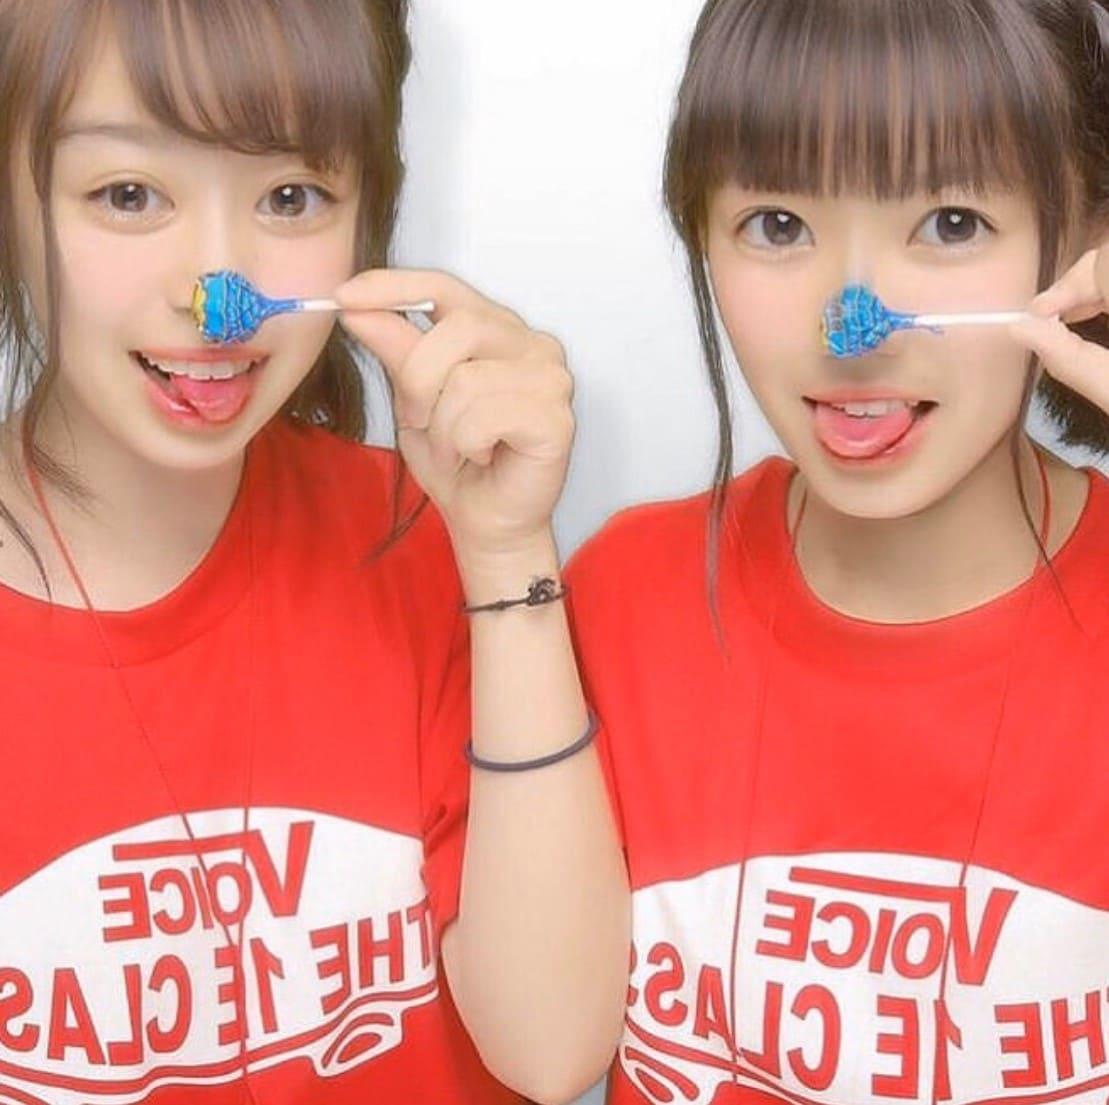 Vansの赤いクラスTシャツを着ている二人の女の子